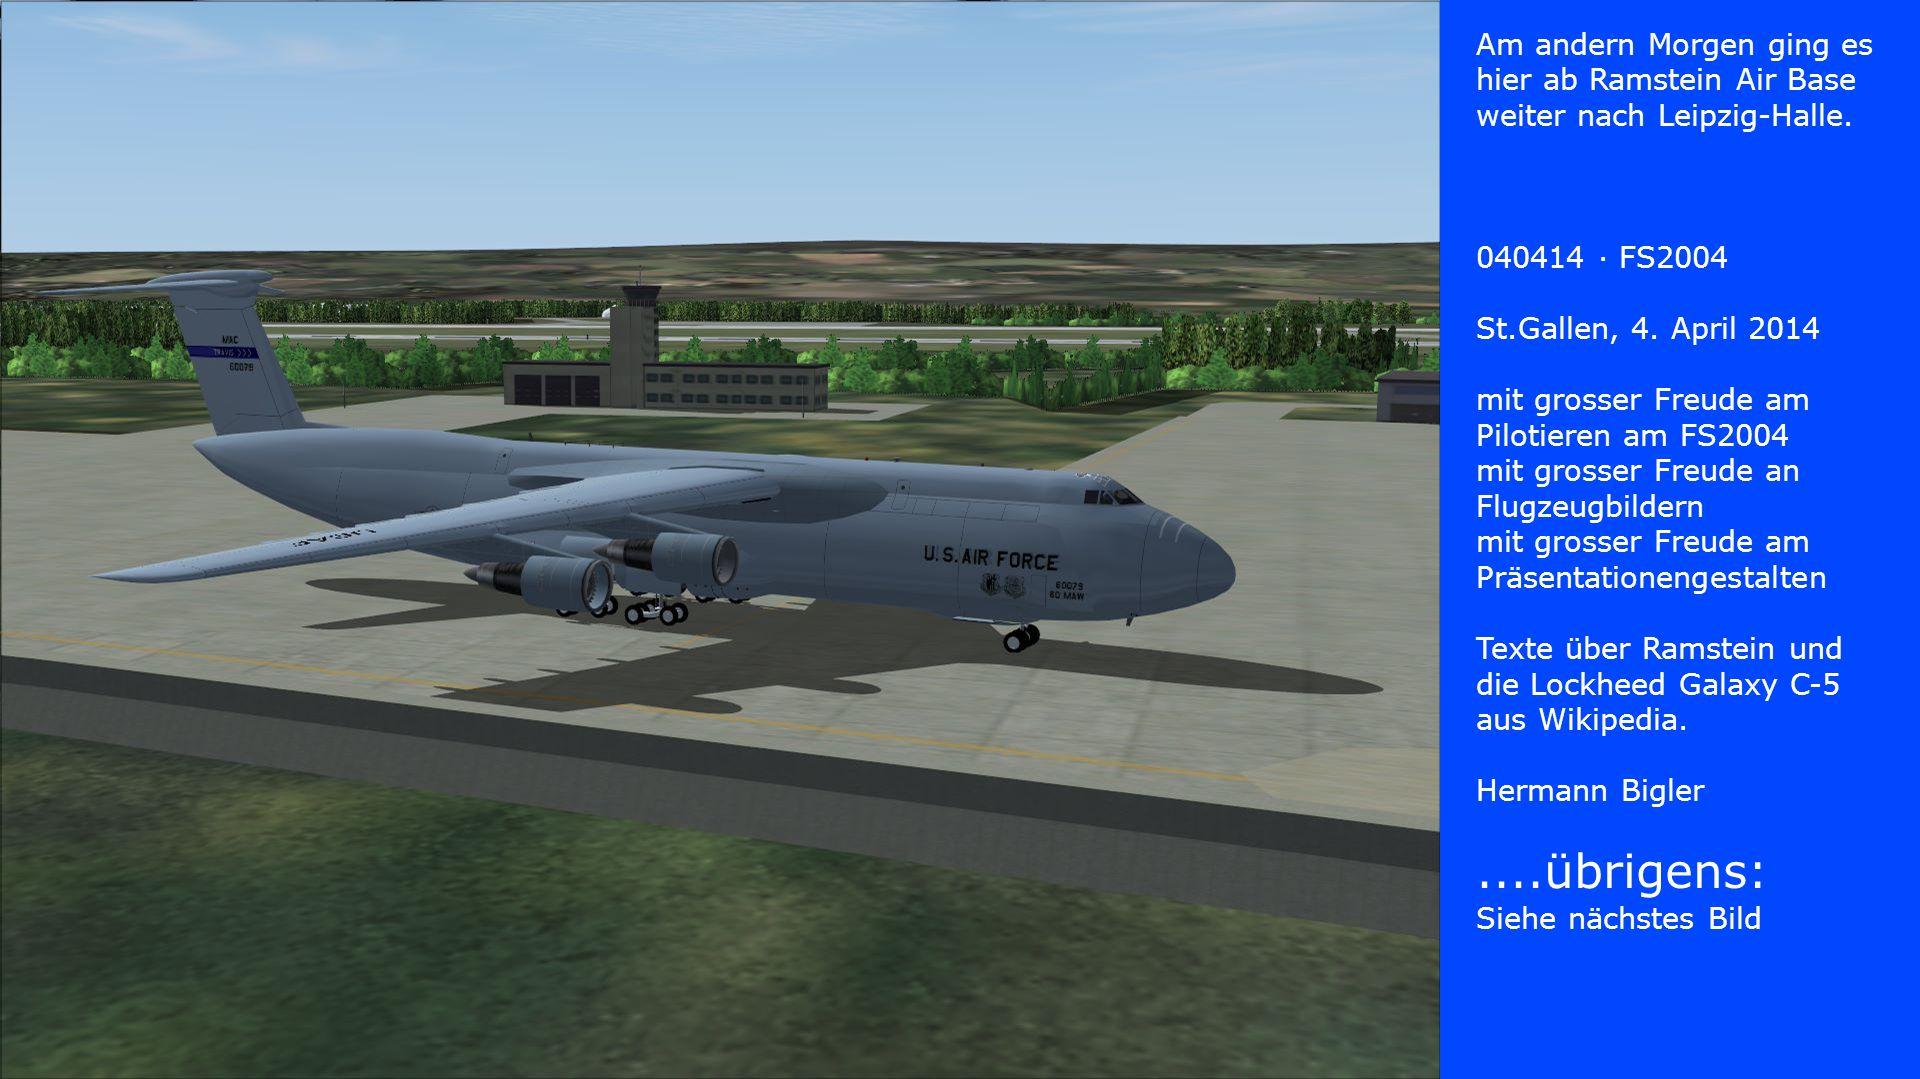 Am andern Morgen ging es hier ab Ramstein Air Base weiter nach Leipzig-Halle. 040414 · FS2004 St.Gallen, 4. April 2014 mit grosser Freude am Pilotiere